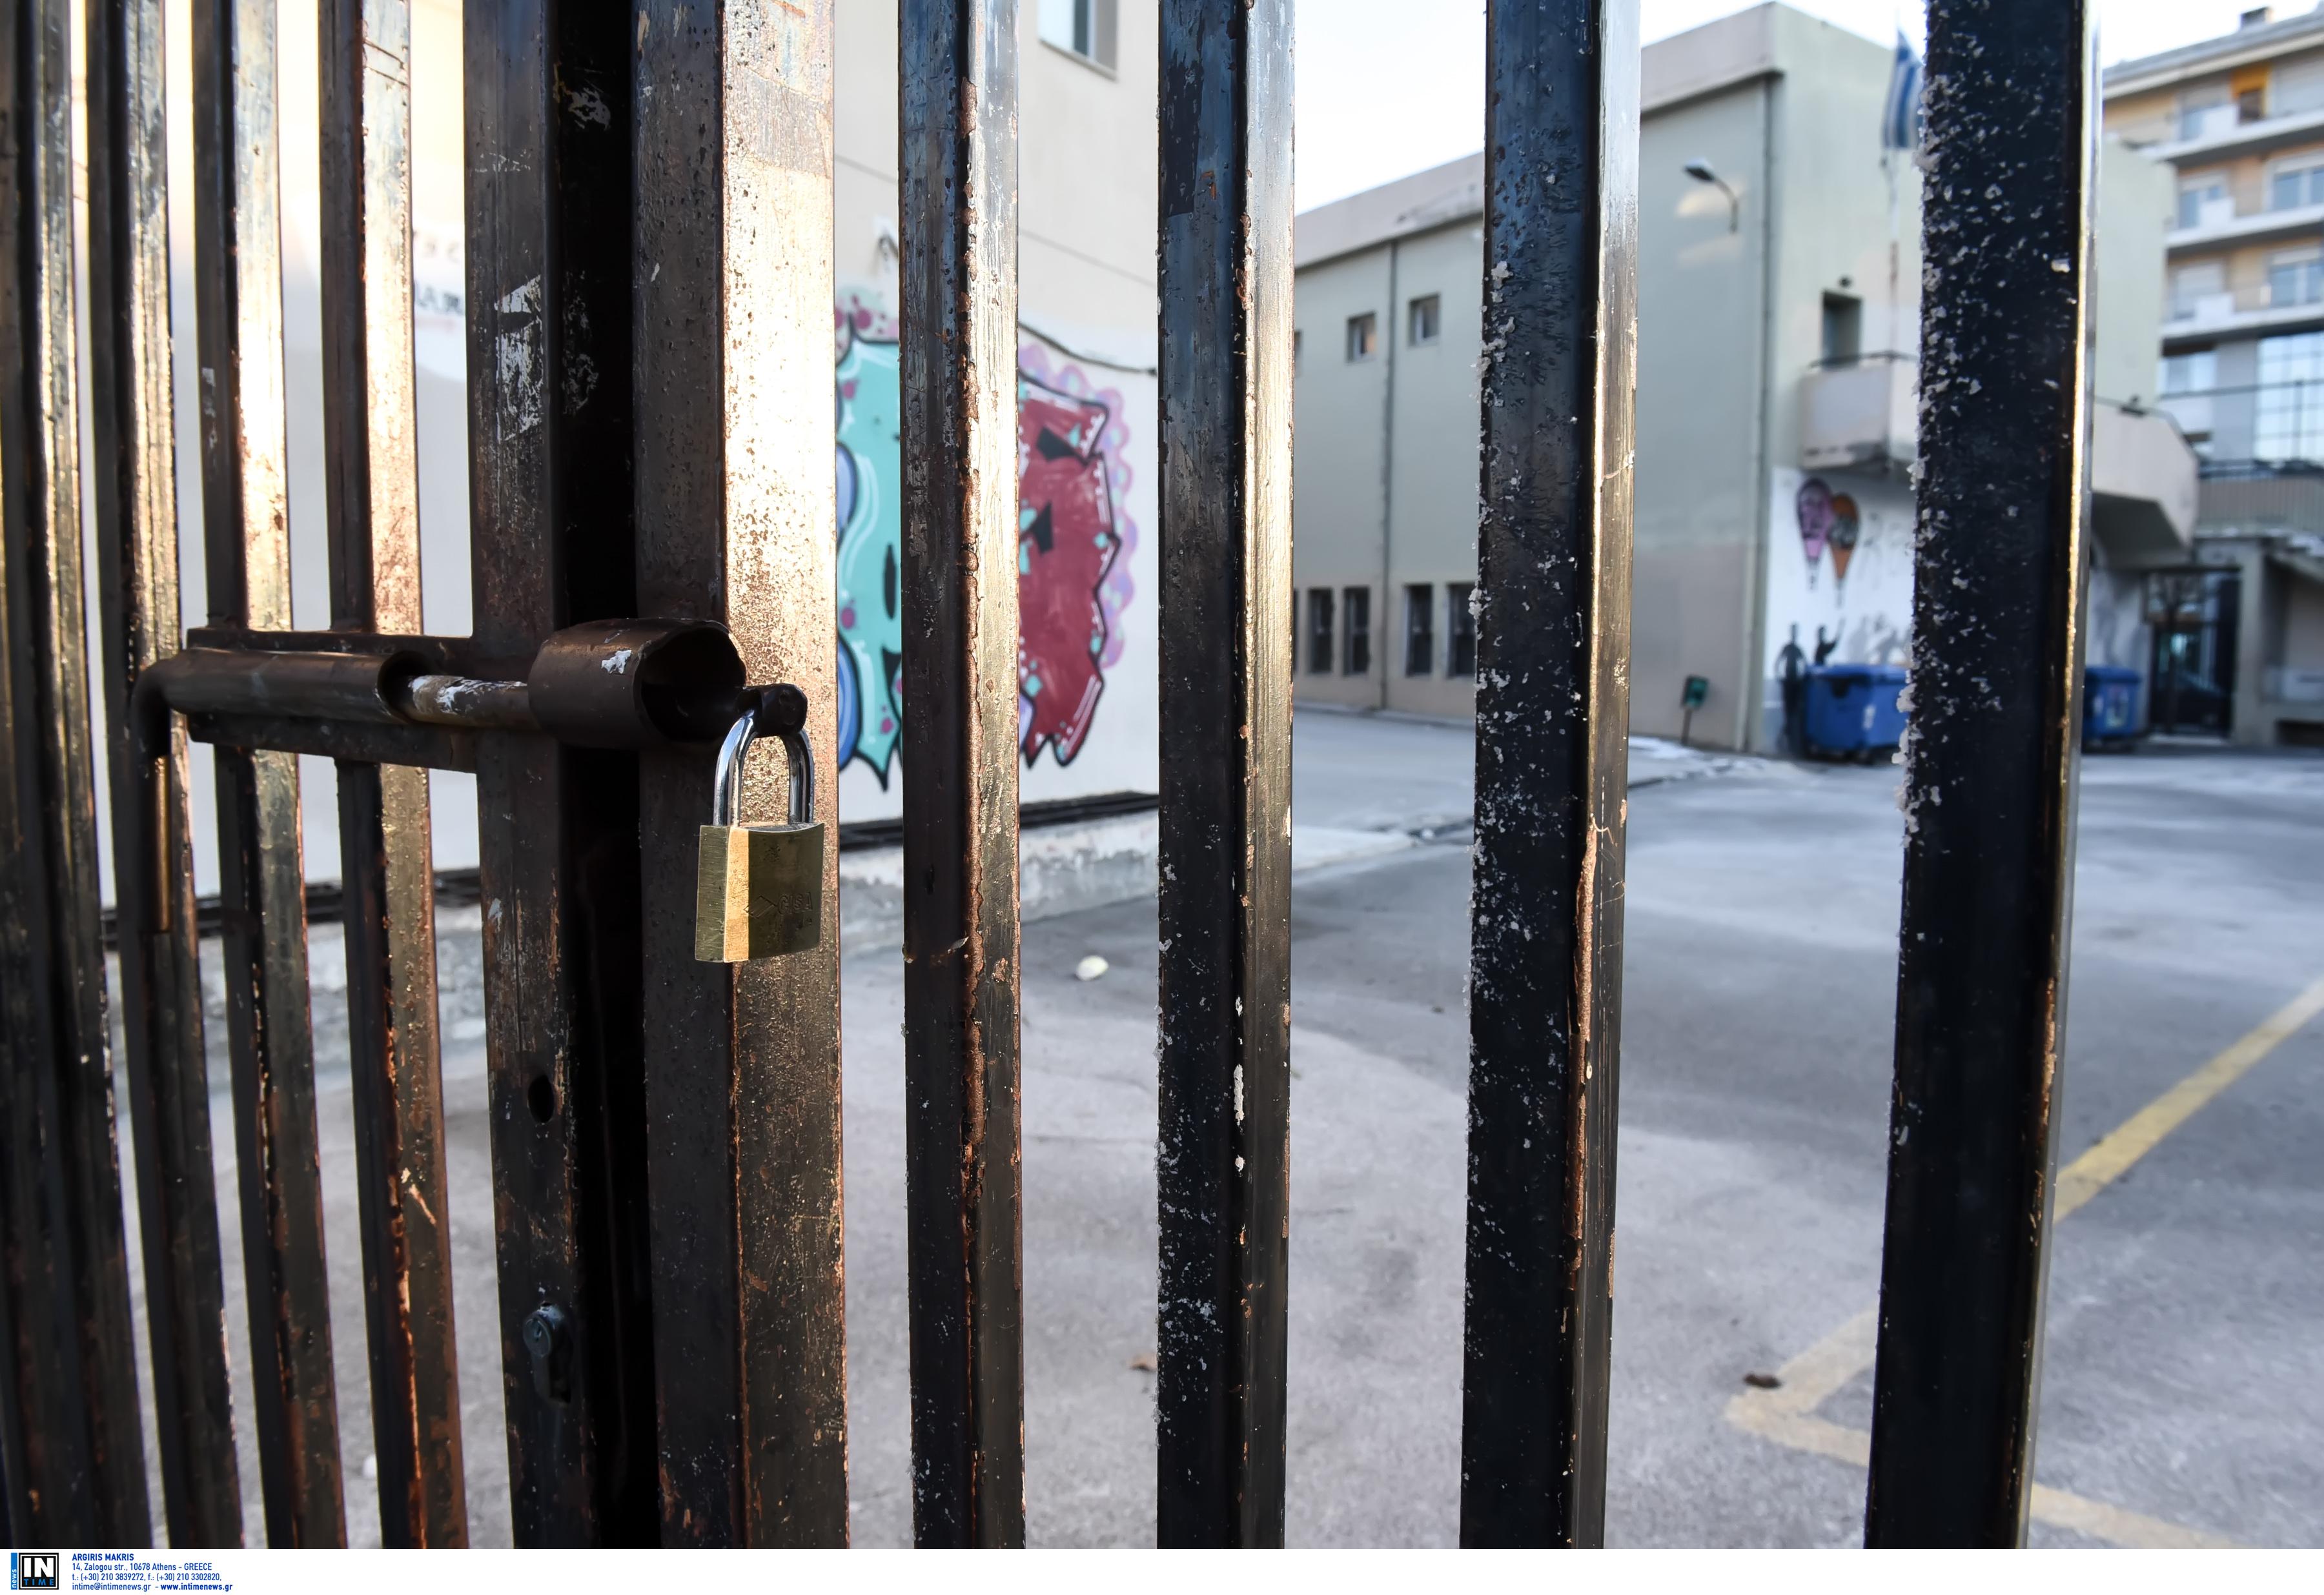 Κλειστά όλα τα Δημοτικά και οι βρεφονηπιακοί σταθμοί στην Δράμα λόγω γρίπης